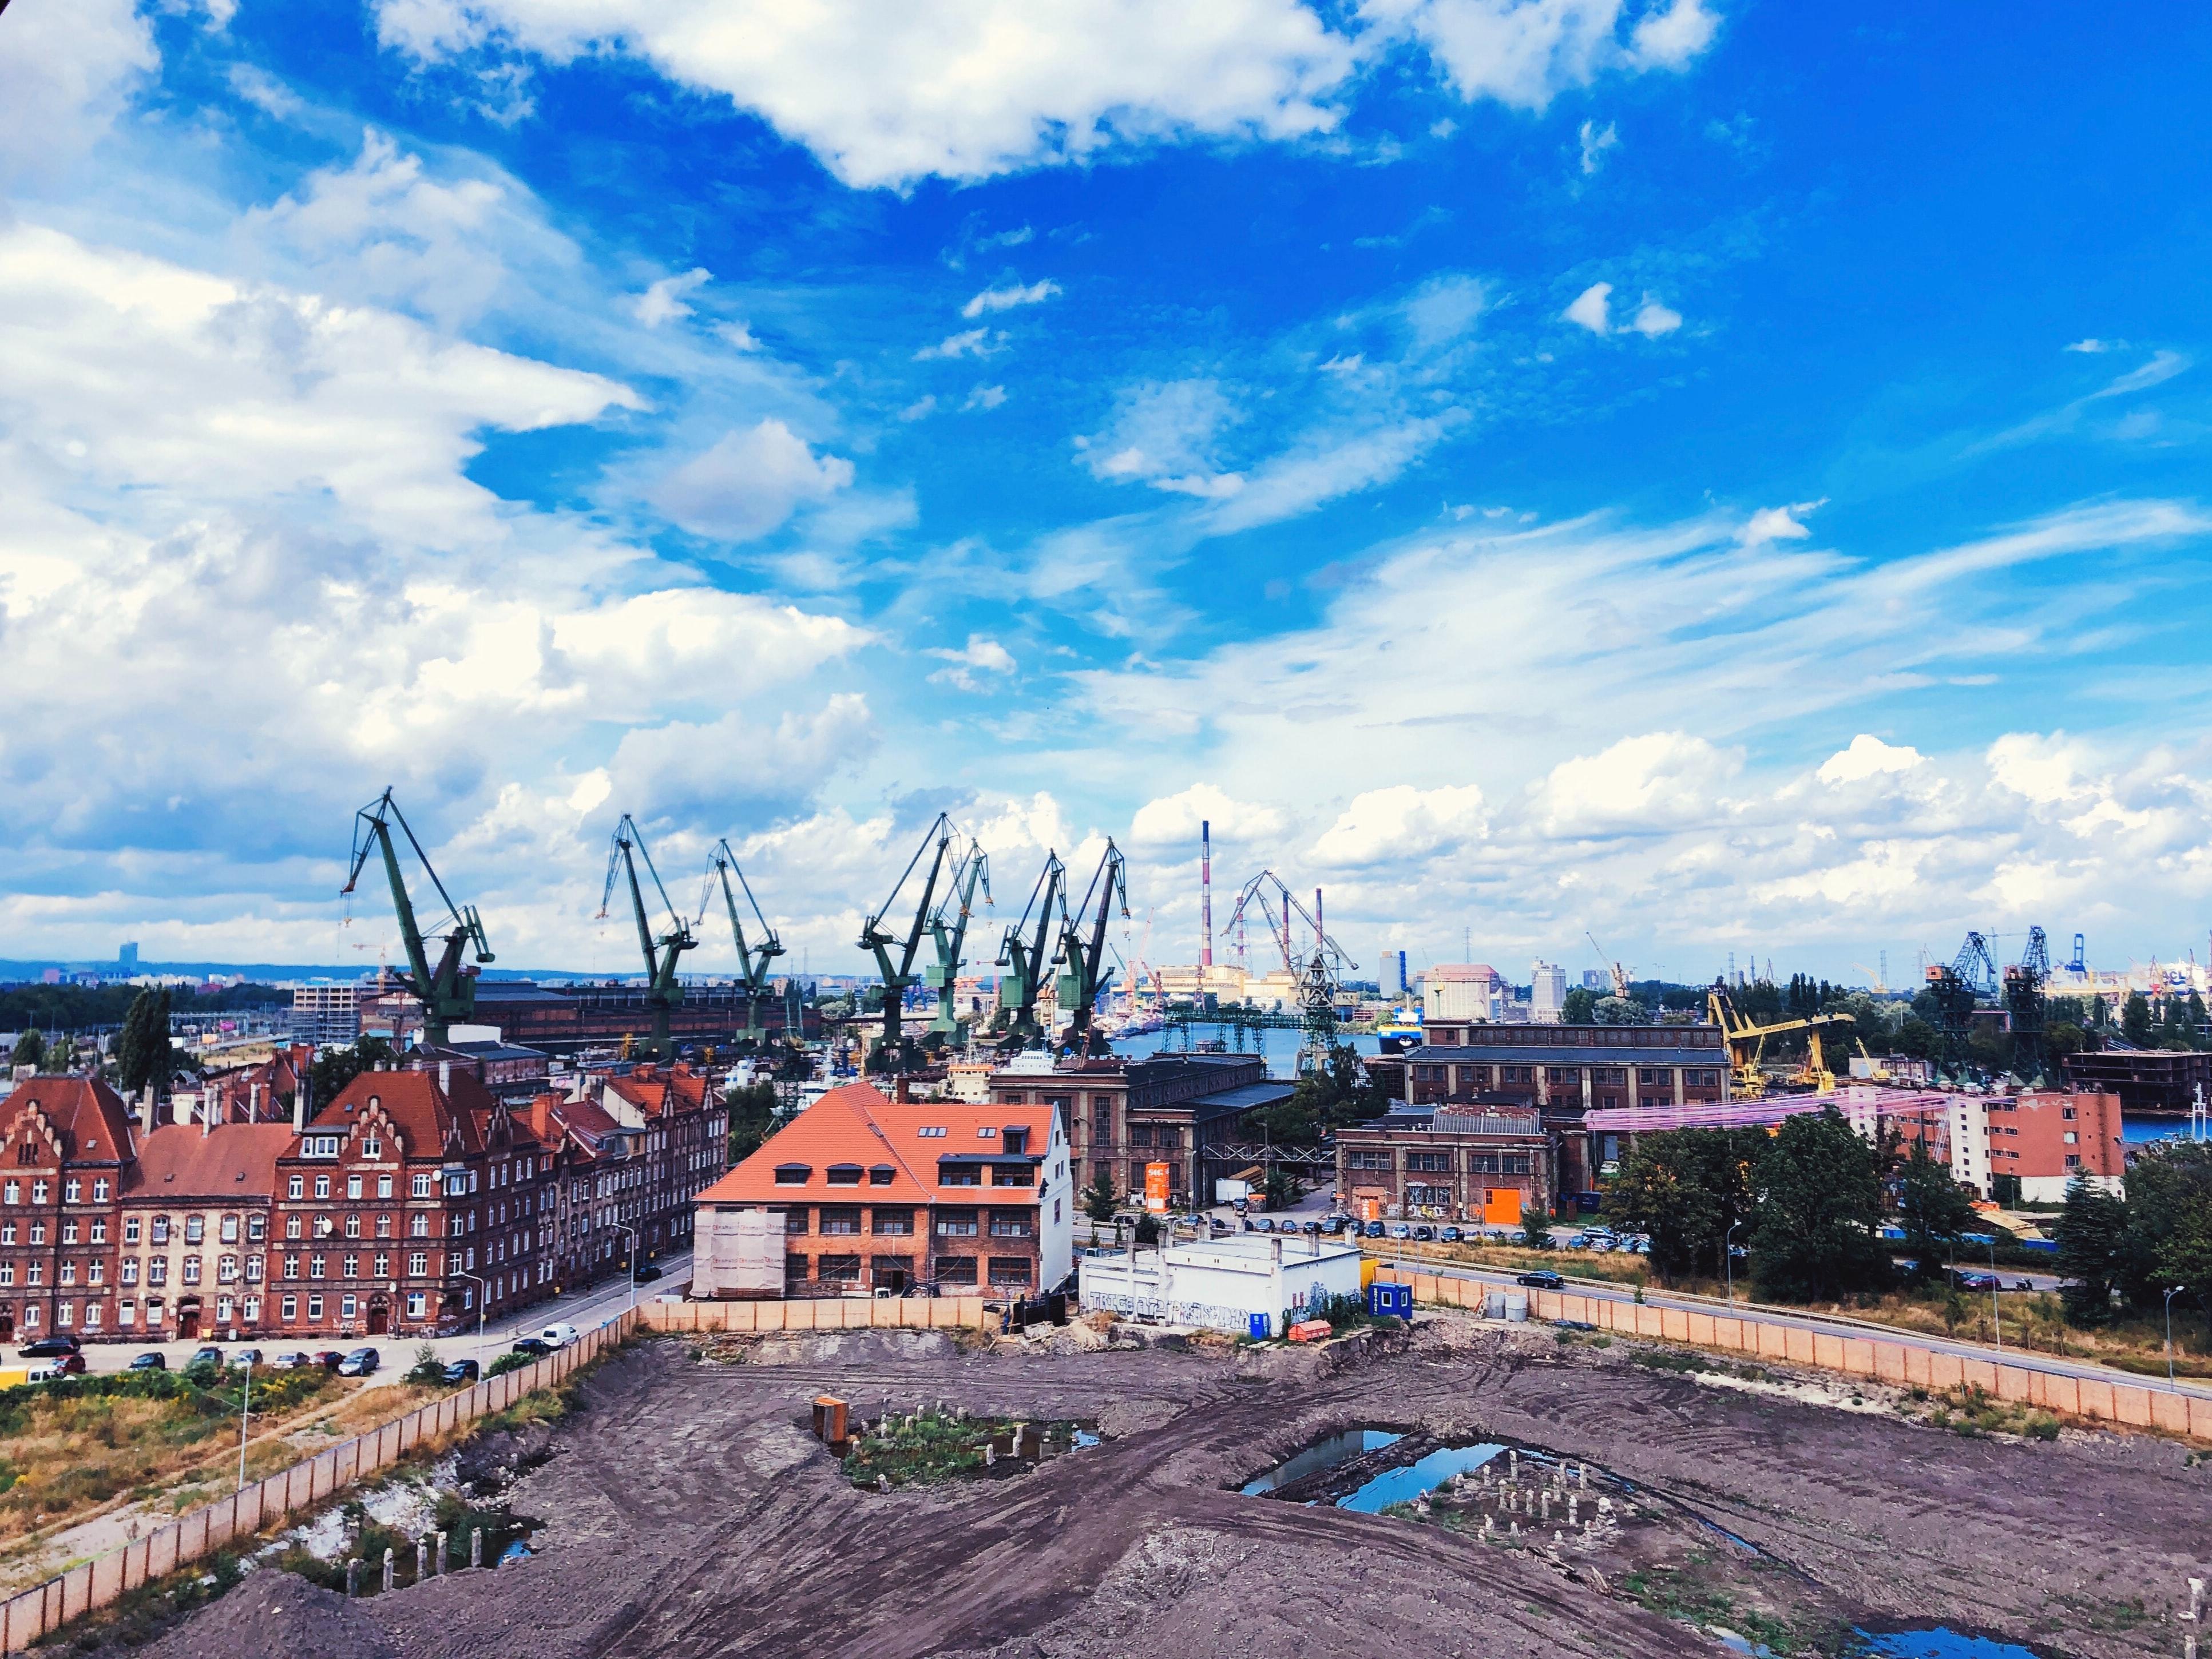 Oszacowanie wartości rynkowej gruntu inwestycyjnego w Gdańsku